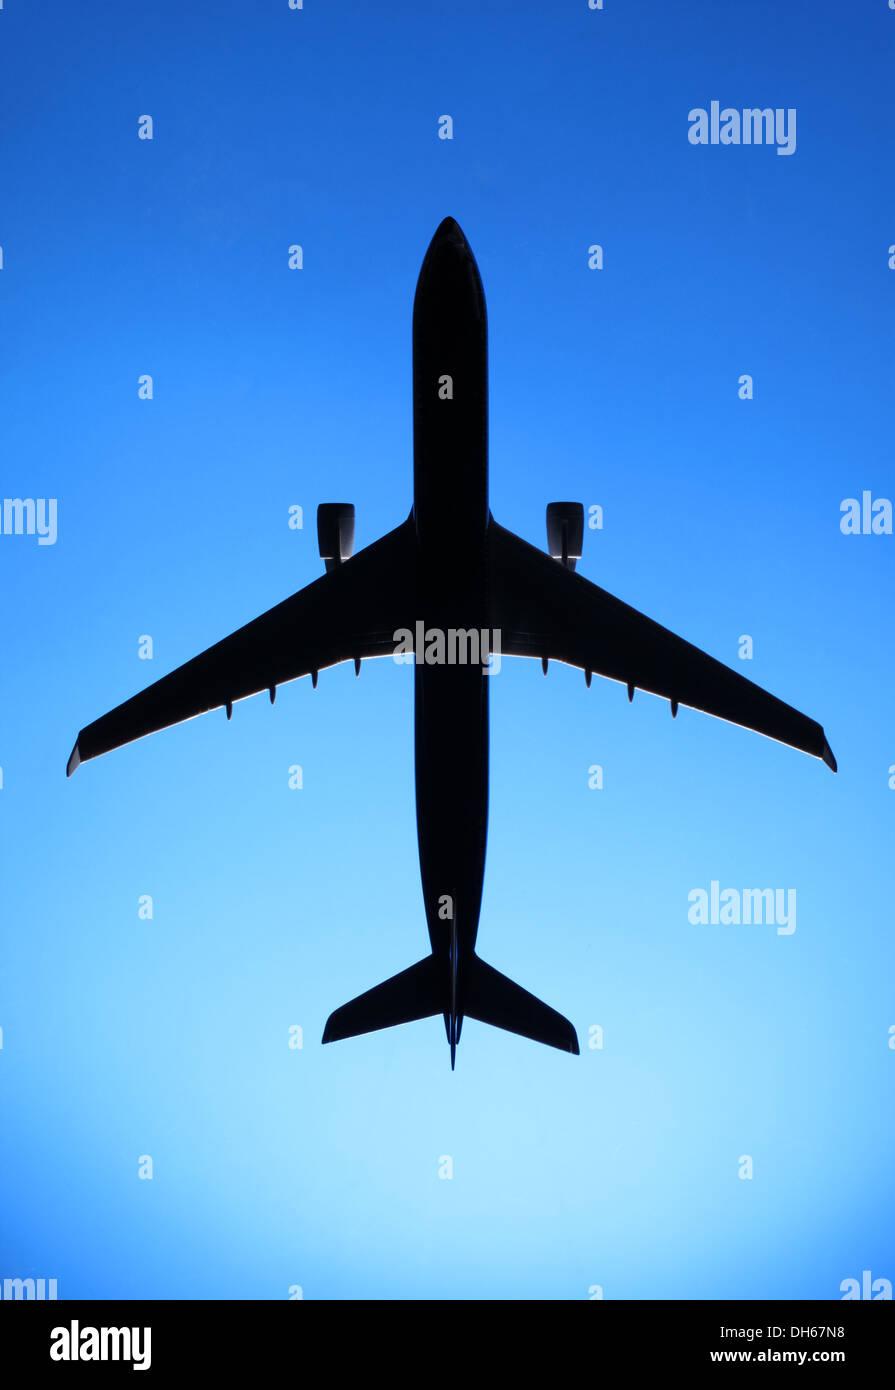 Un modelo plástico de un avión comercial avión volando en el cielo azul Imagen De Stock